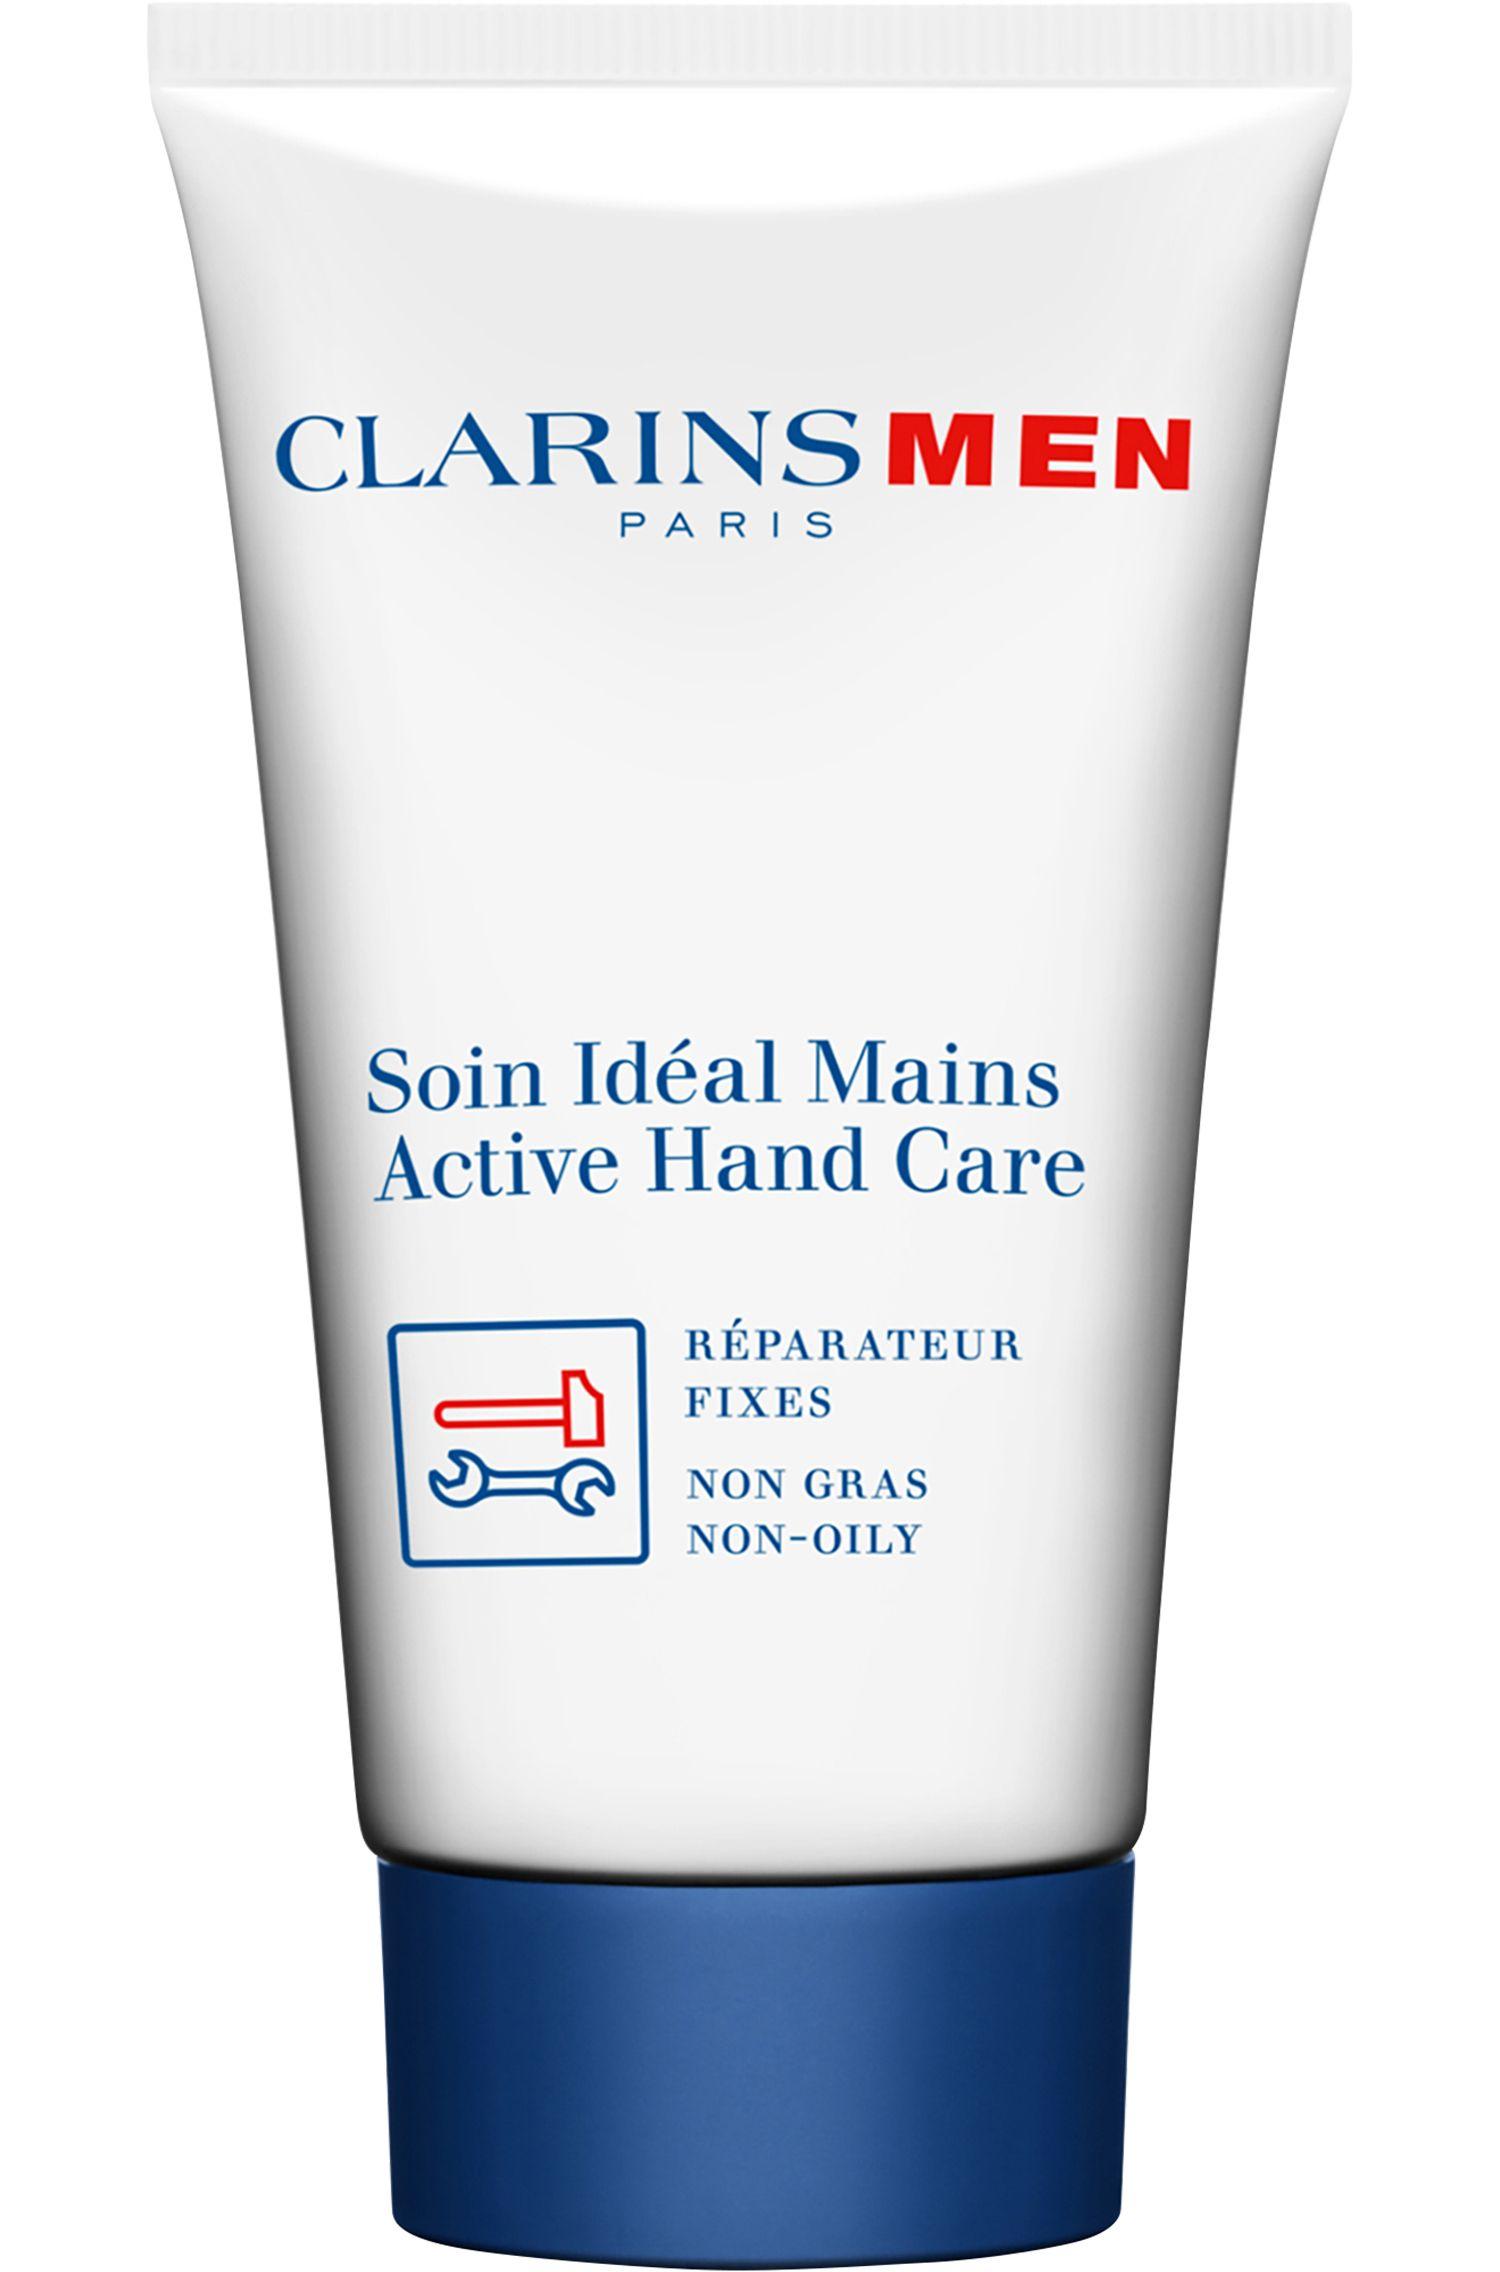 Blissim : Clarins - Crème mains hydratante non grasse pour homme - Crème mains hydratante non grasse pour homme